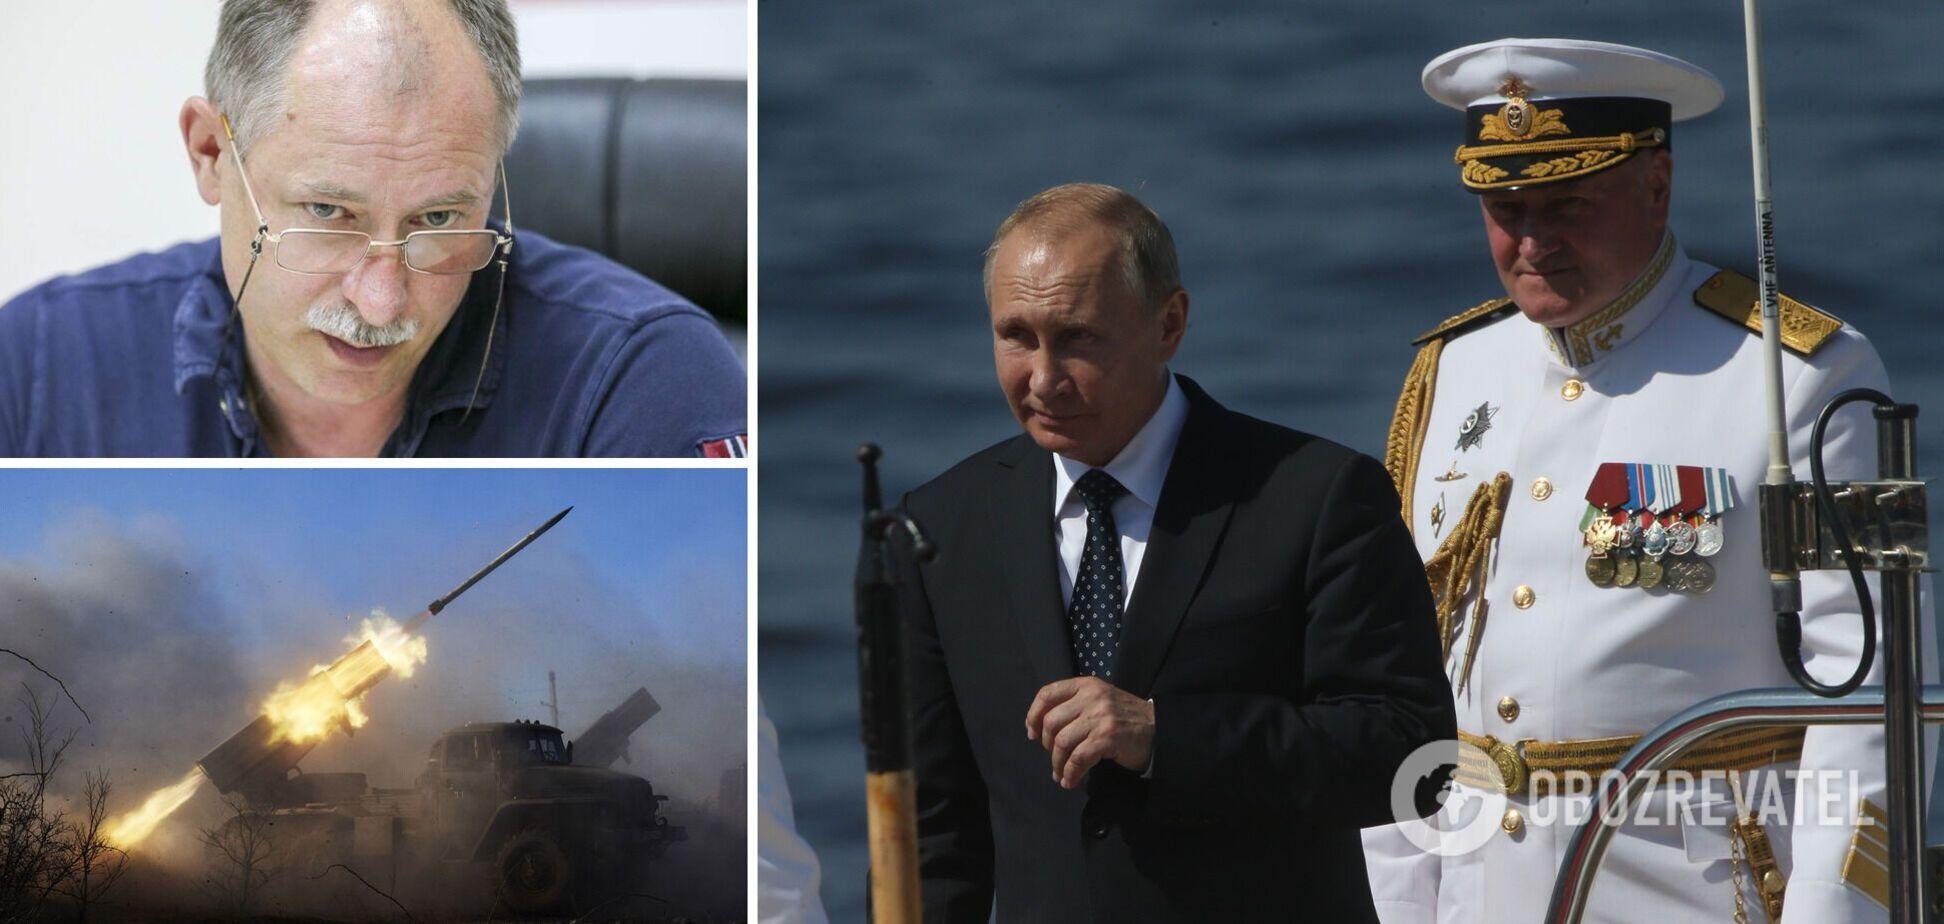 Жданов: Росії більше немає чим налякати Україну, страшний сон Путіна збувається